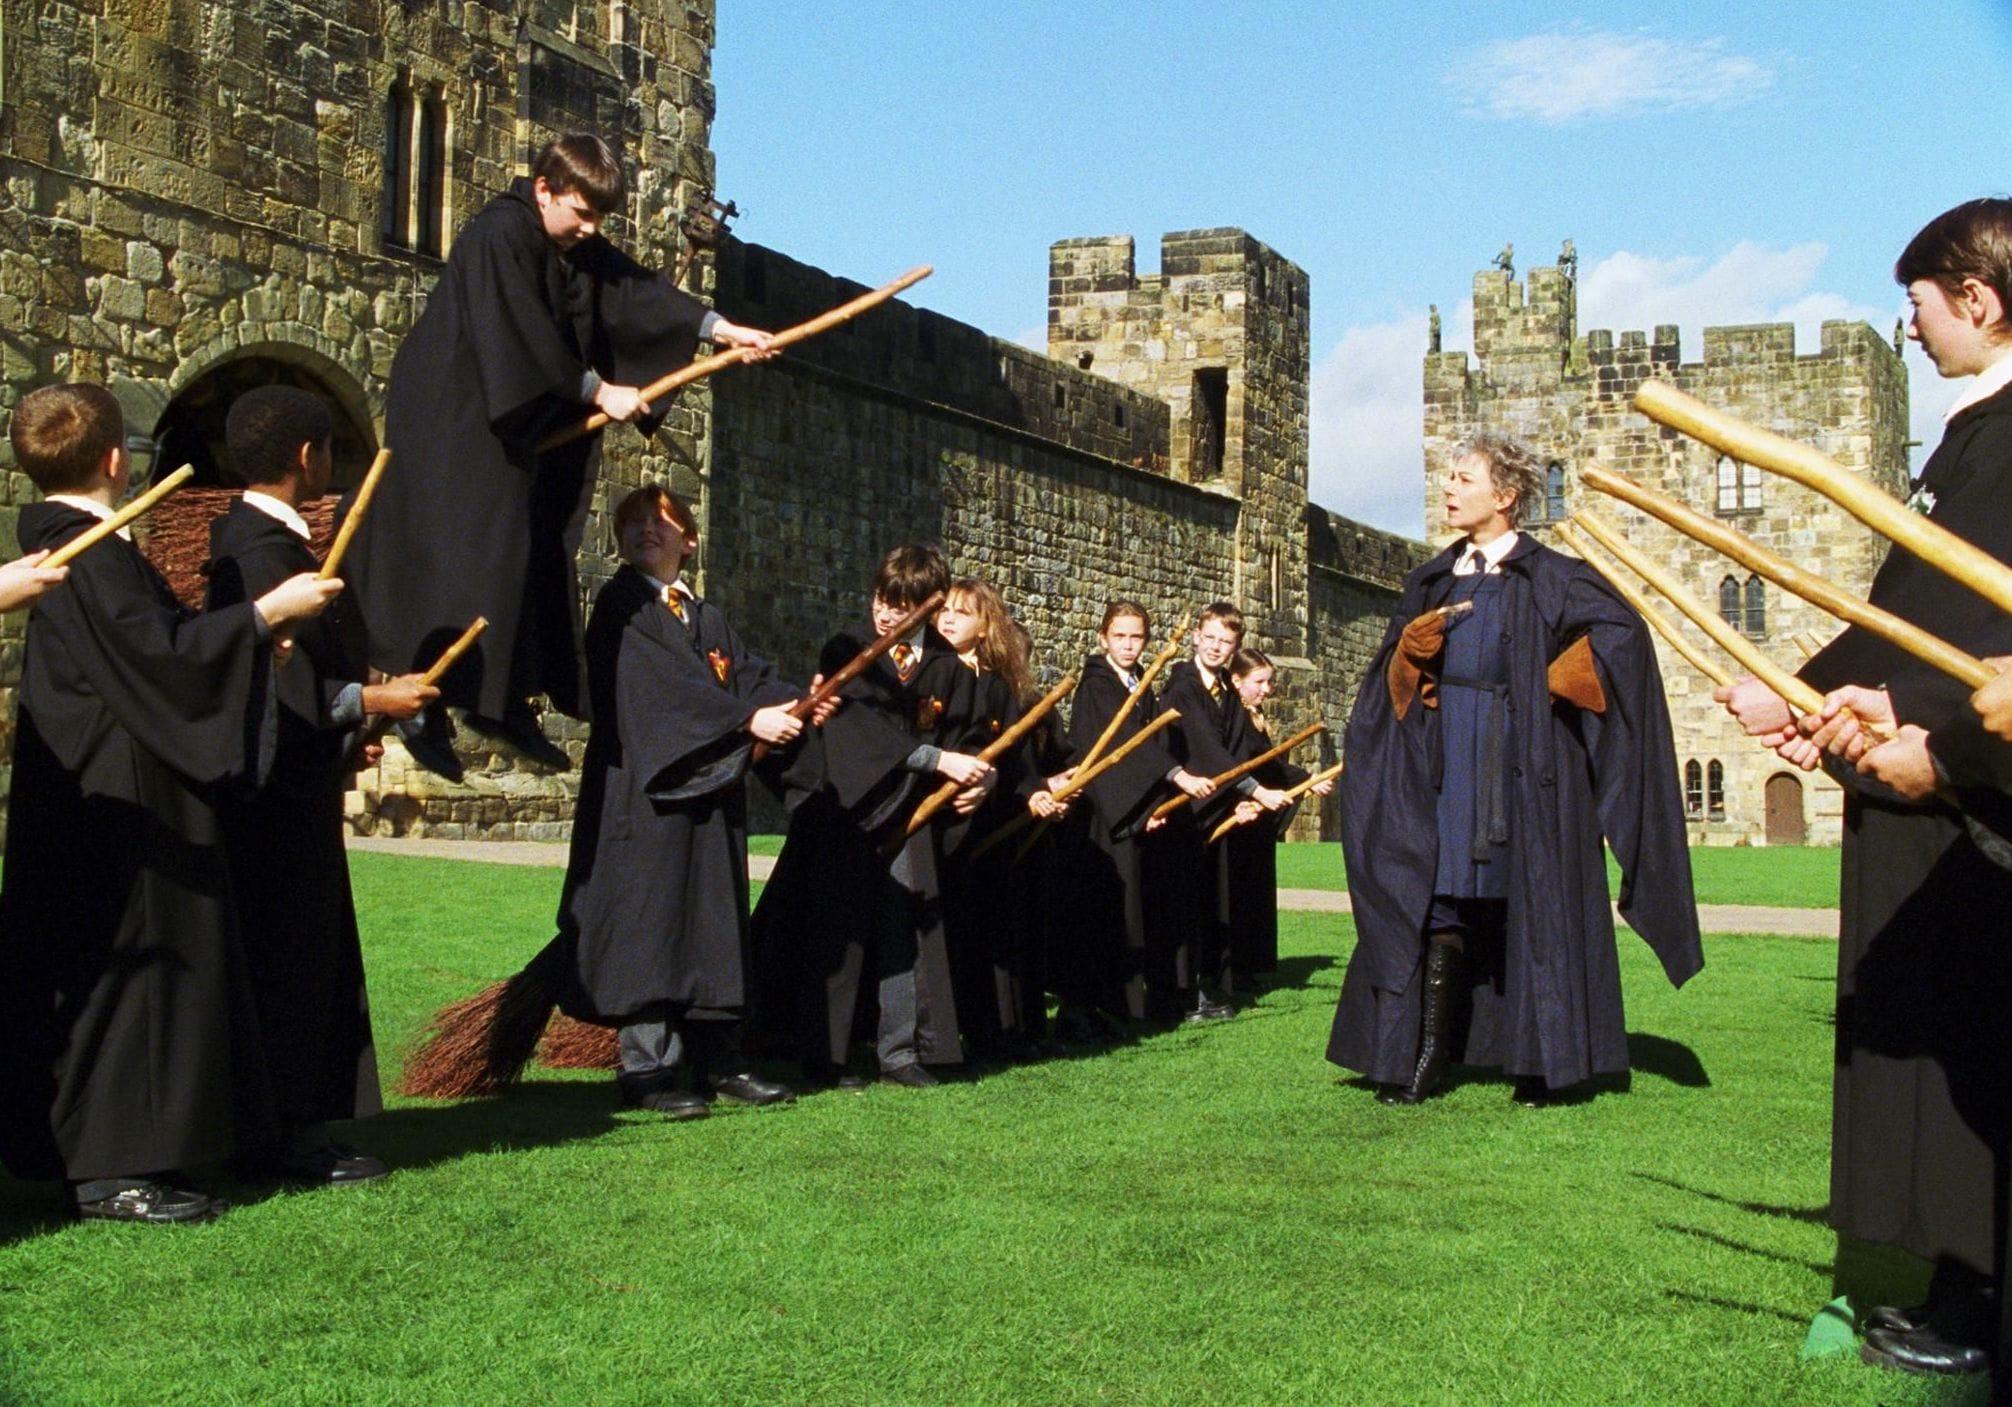 Harry Potter et la Chambre des secrets de Chris Columbus image film cinéma